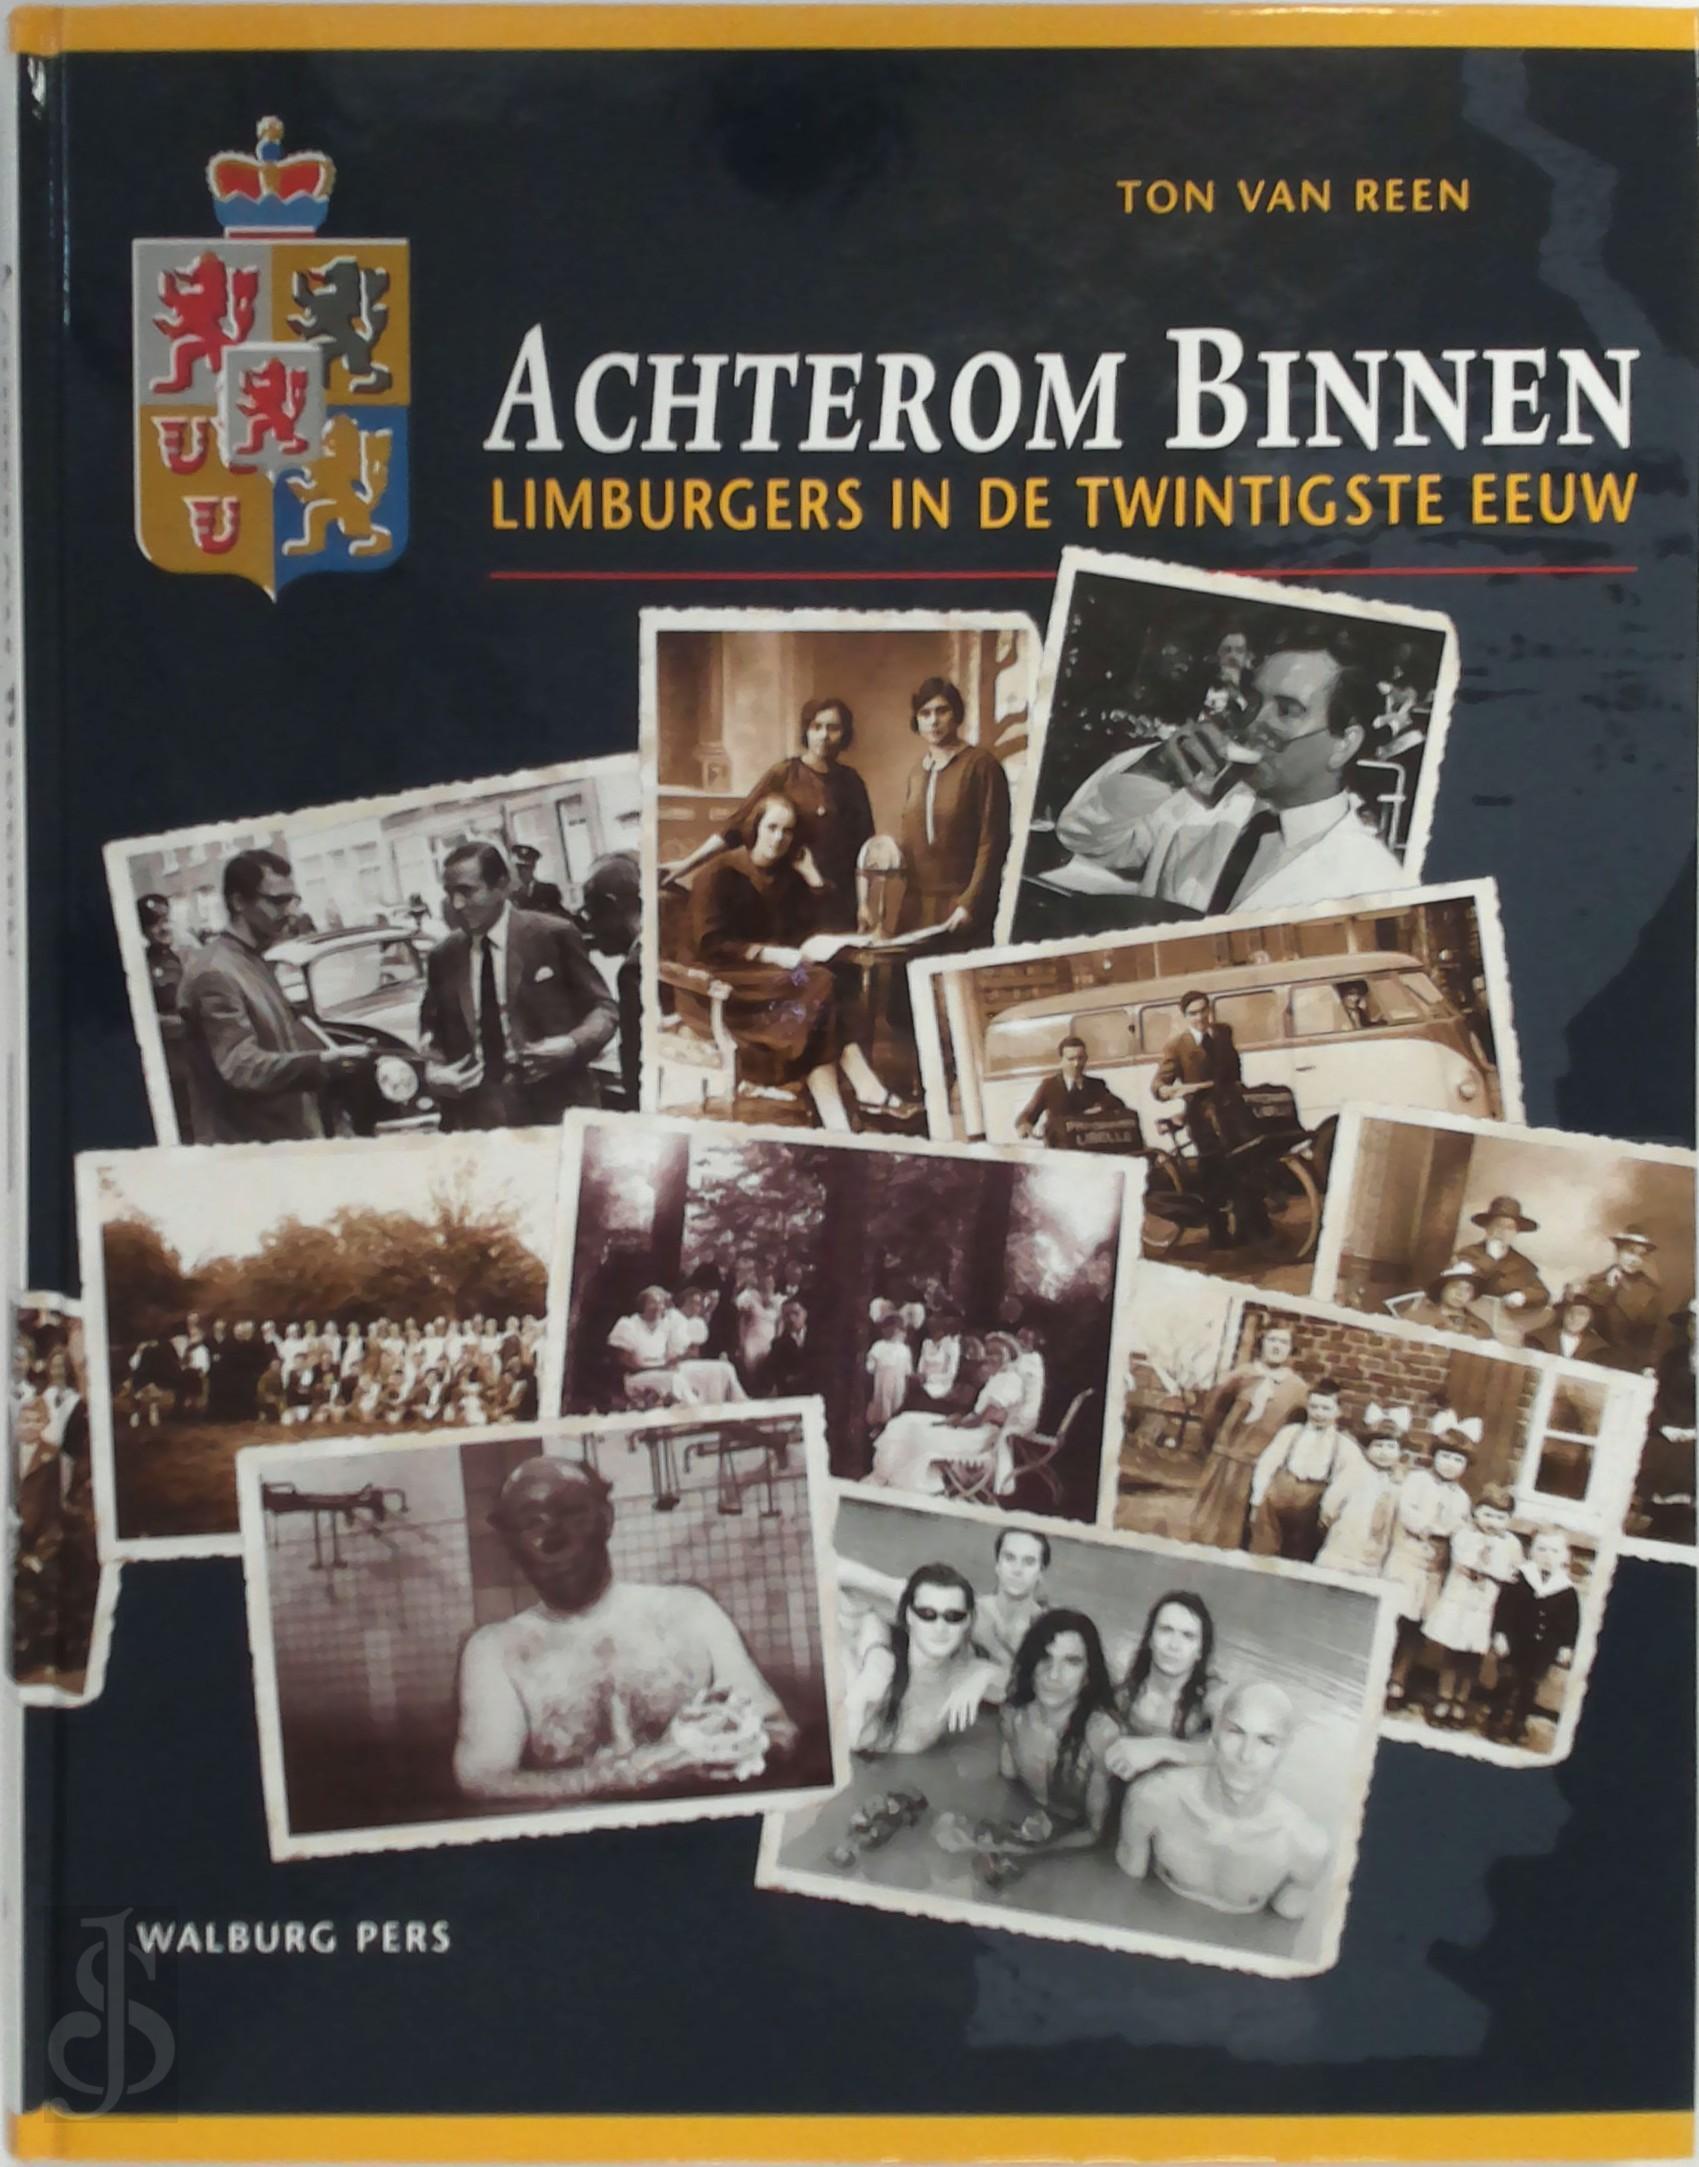 Achterom Binnen. Limburgers in de twintigste eeuw, Gebonden, Walburg, Zutphen, 2003